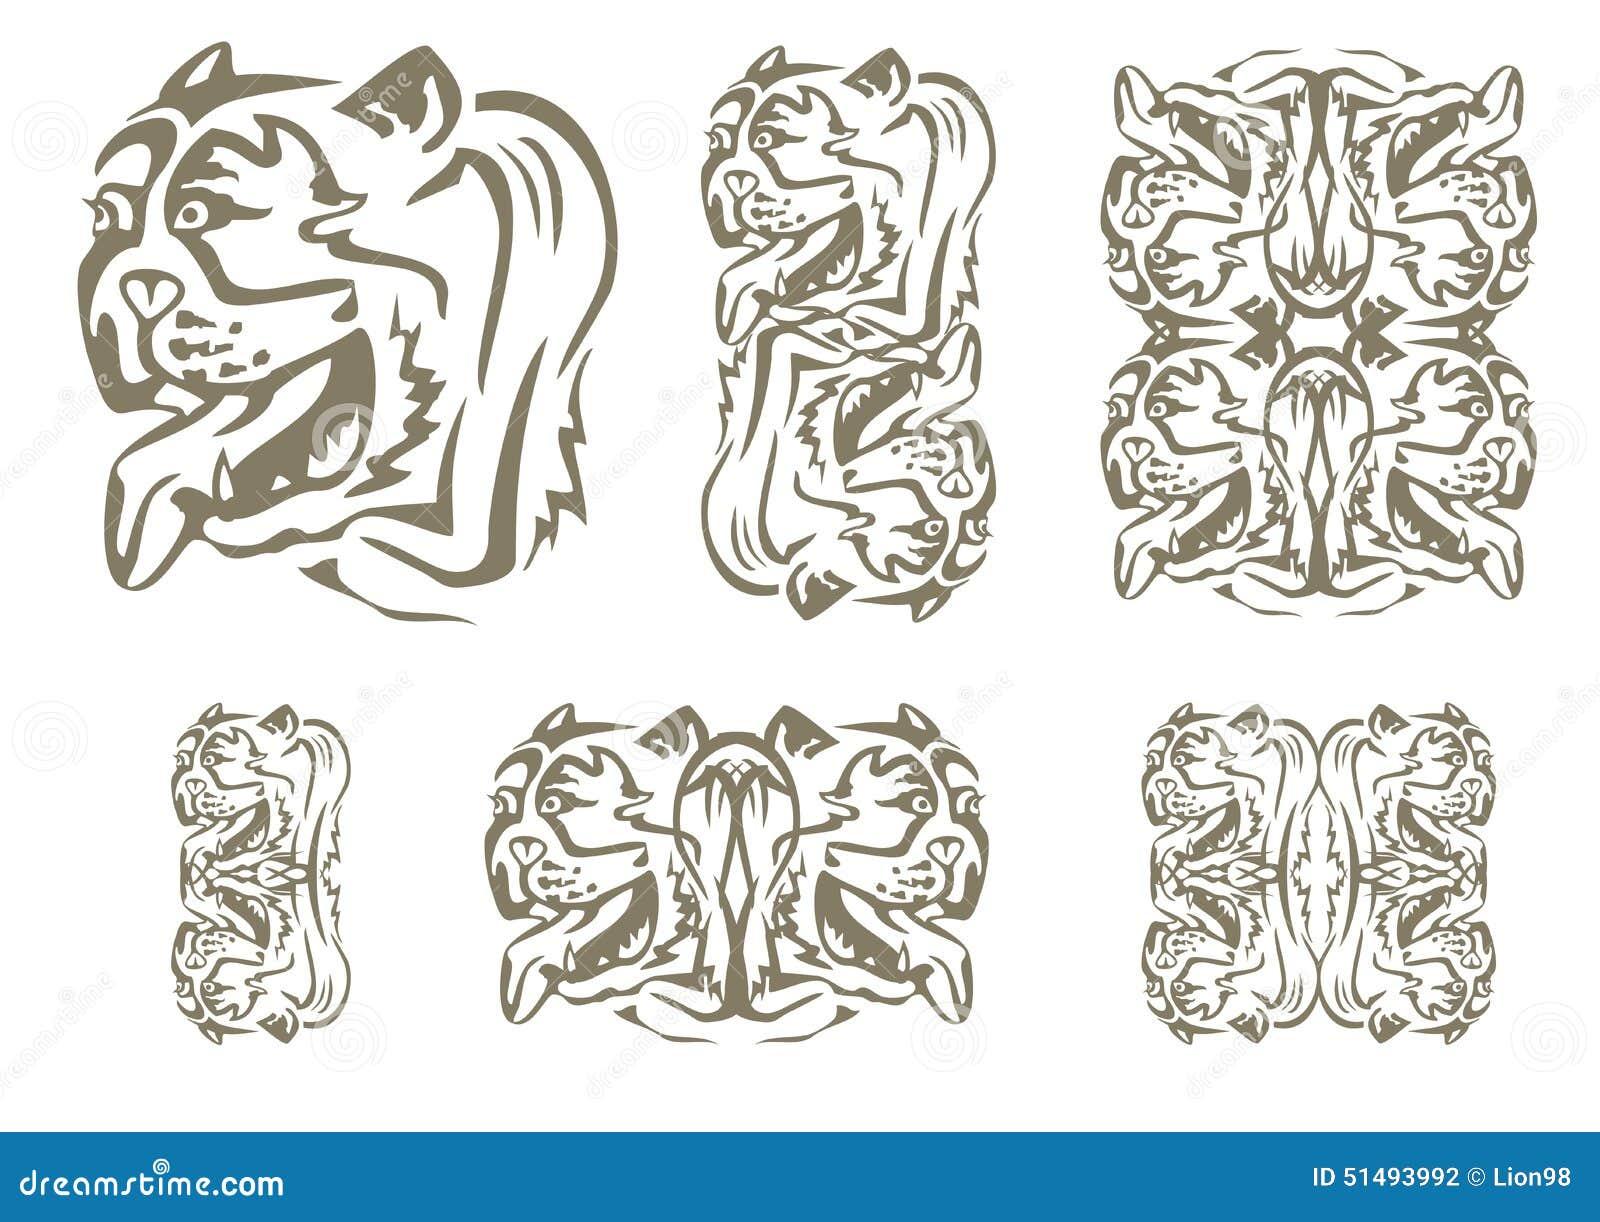 English Bulldog Stock Illustrations – 1,181 English Bulldog Stock ...